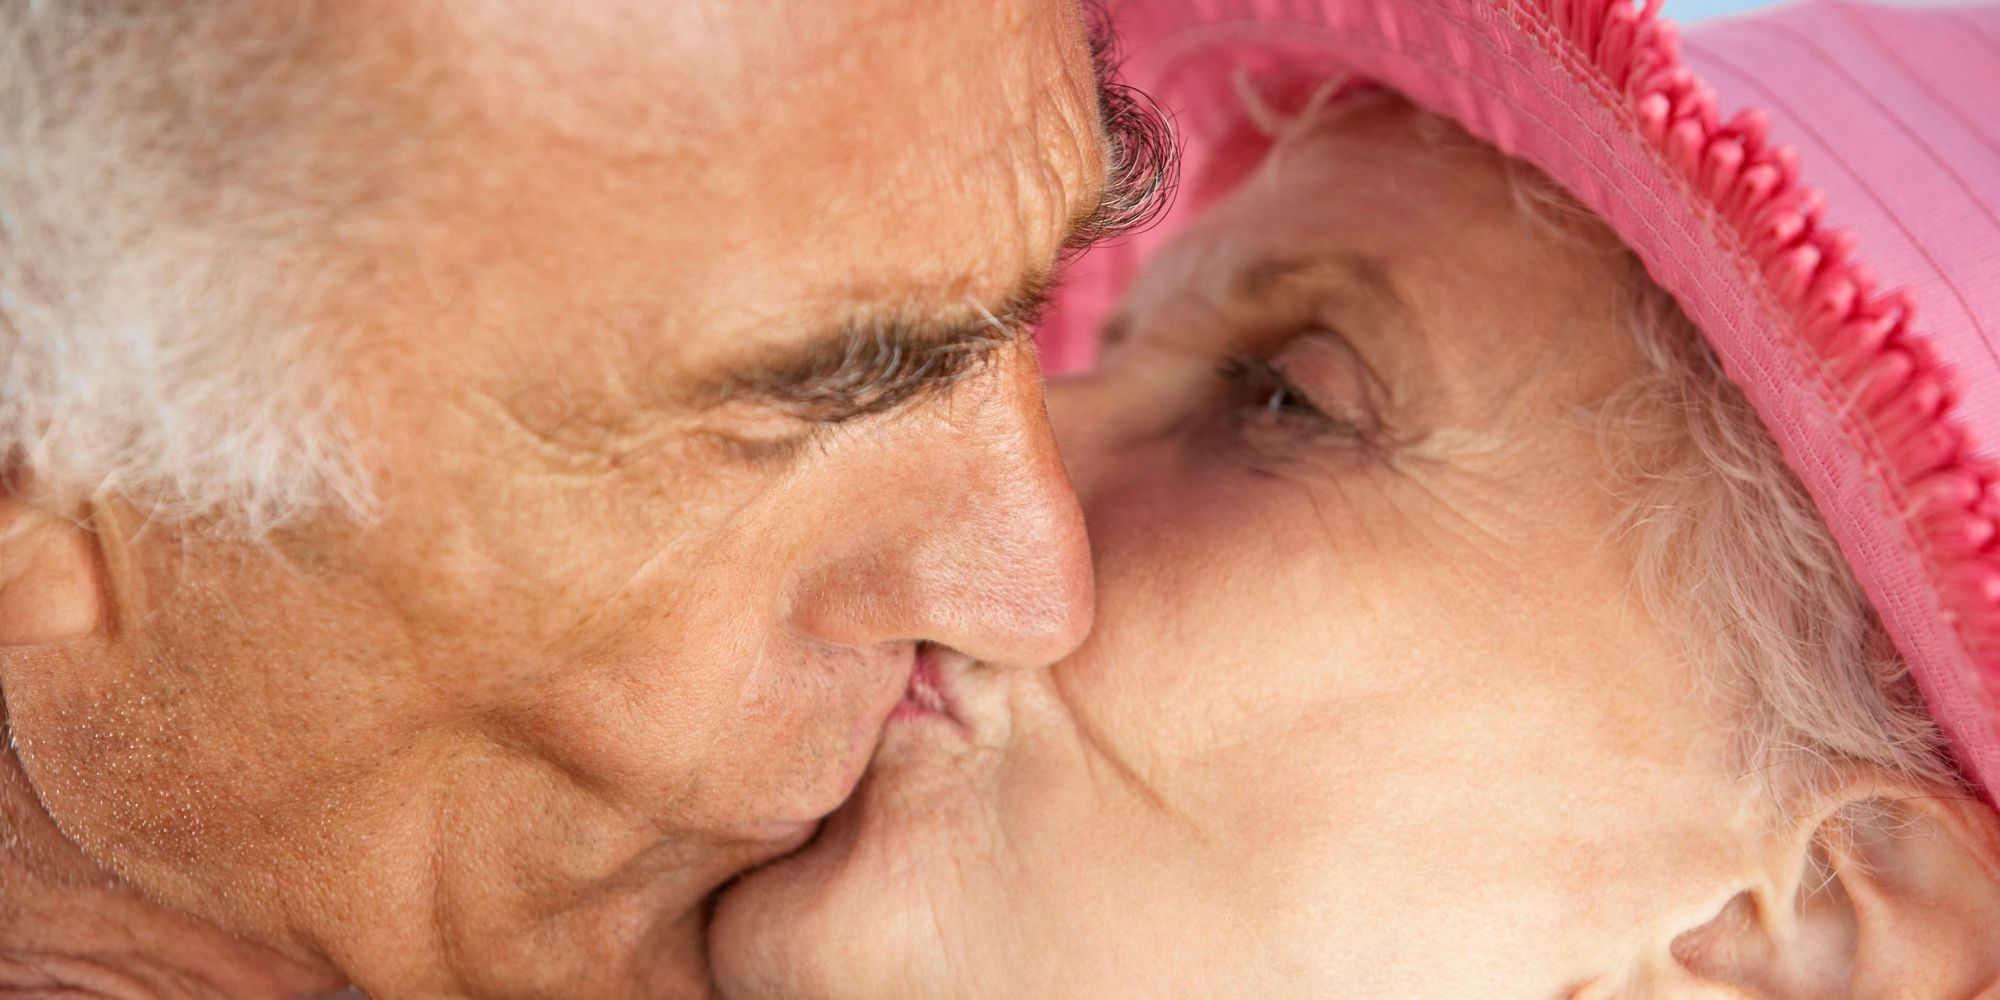 Секс секс секс пожилые порнуха смотреть онлайн105